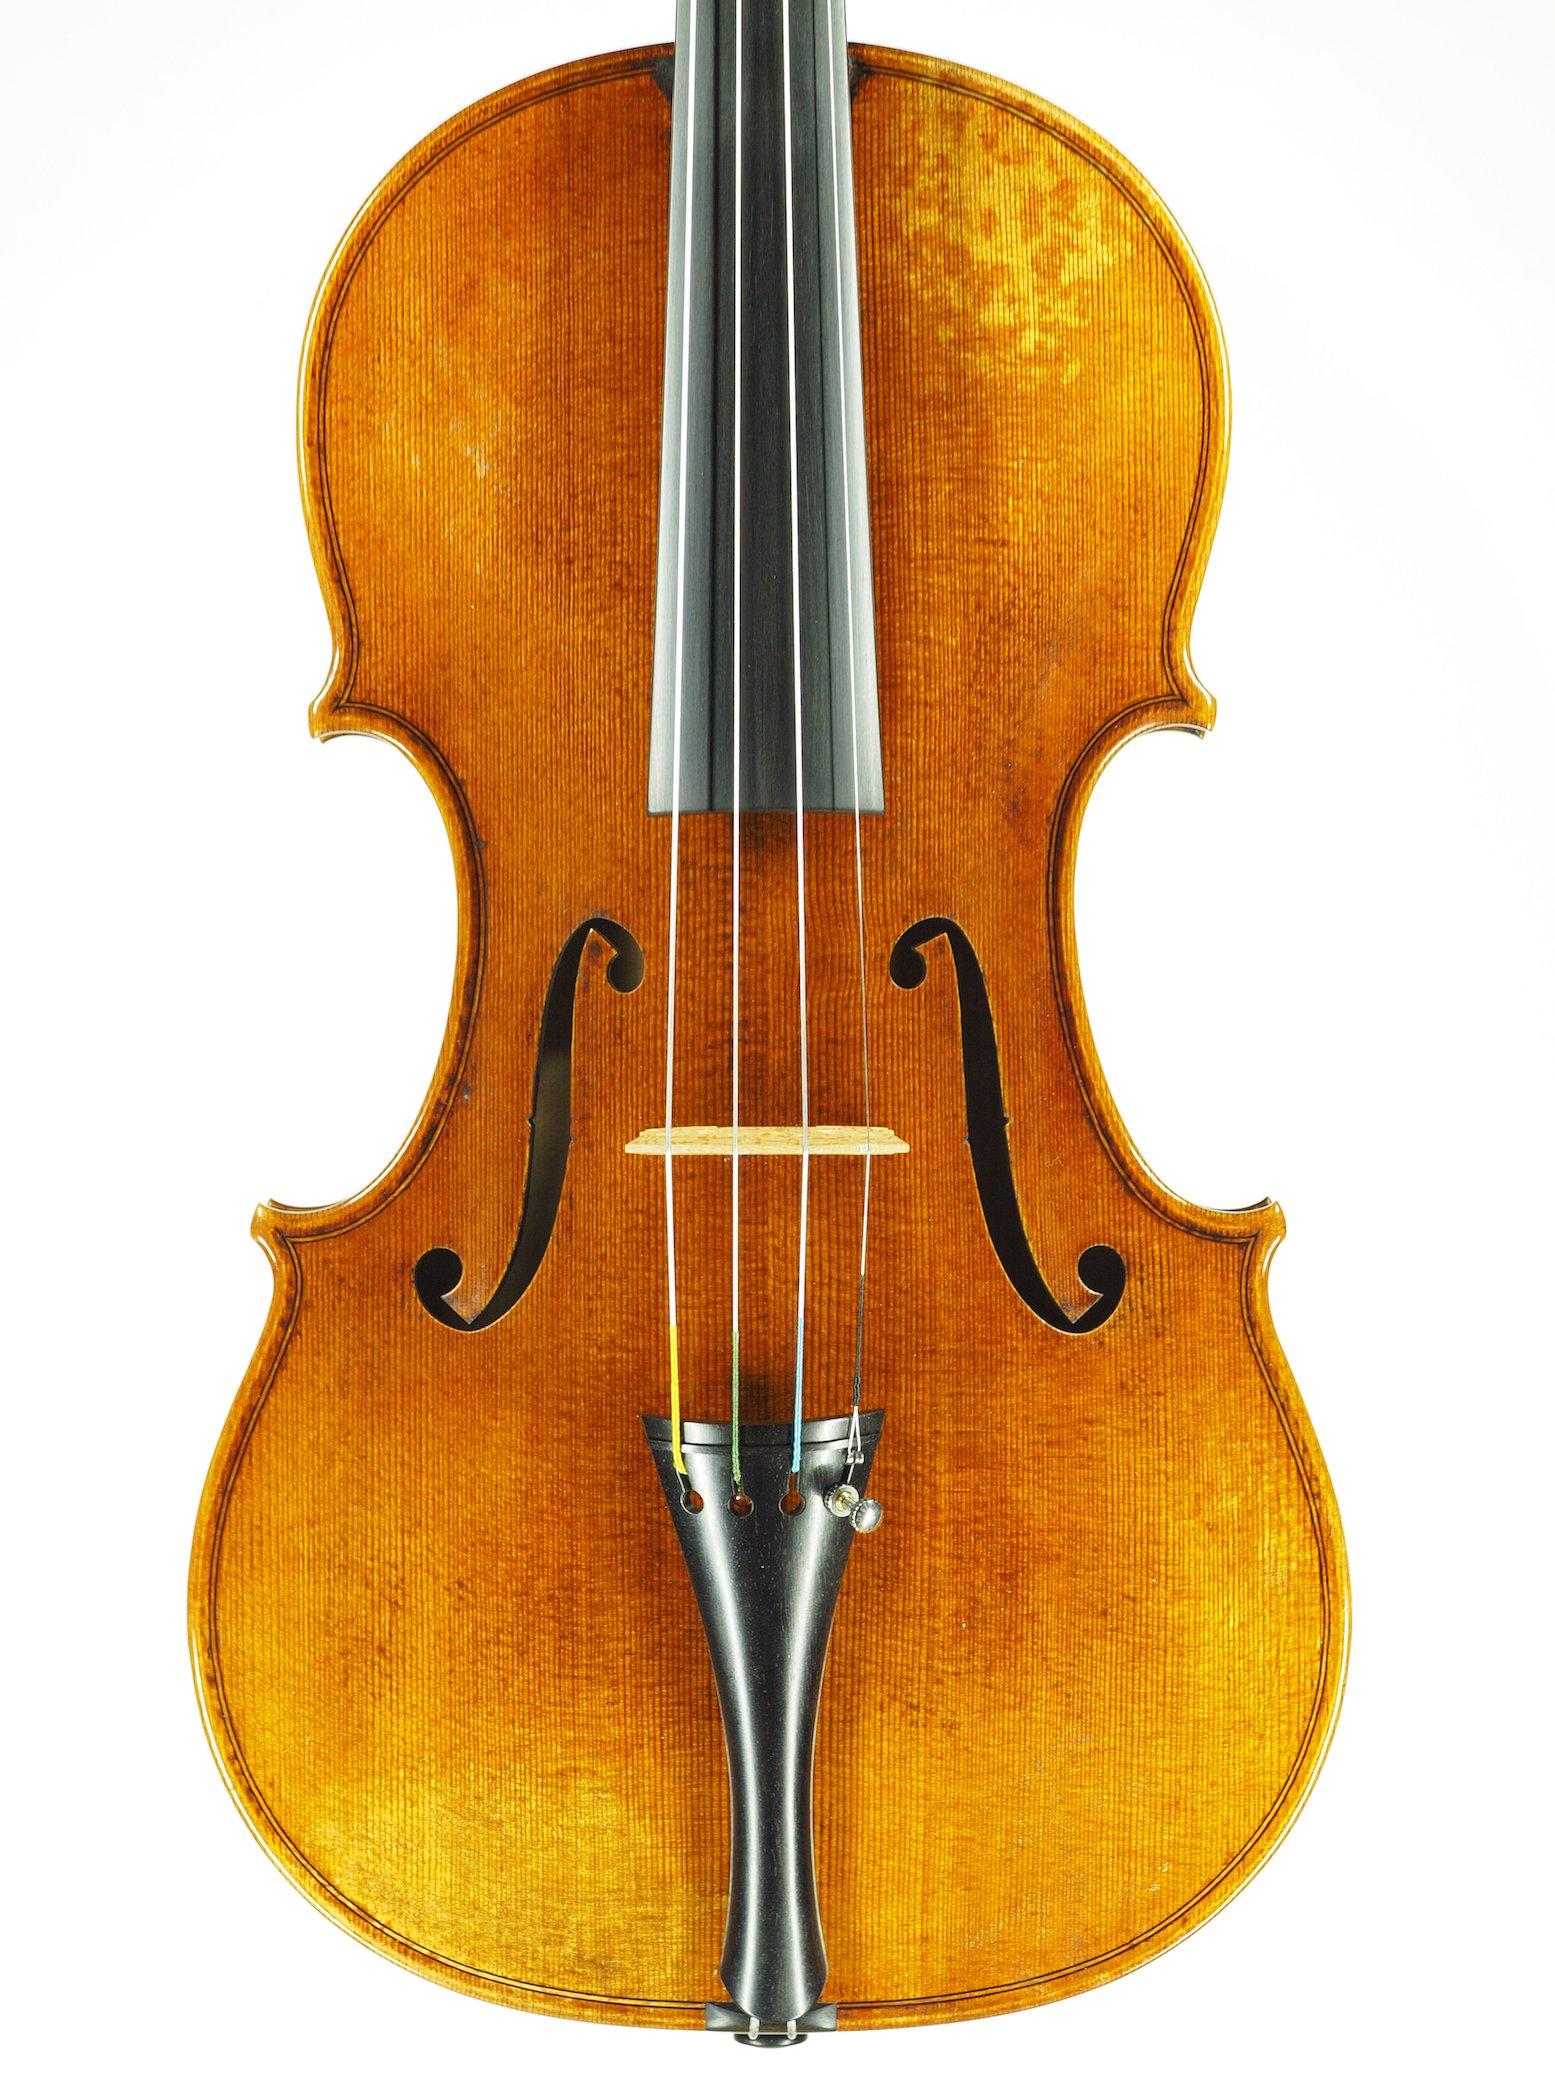 Violin based on the model of the 'Kochanski' Guarneri del Gesu anno 1741